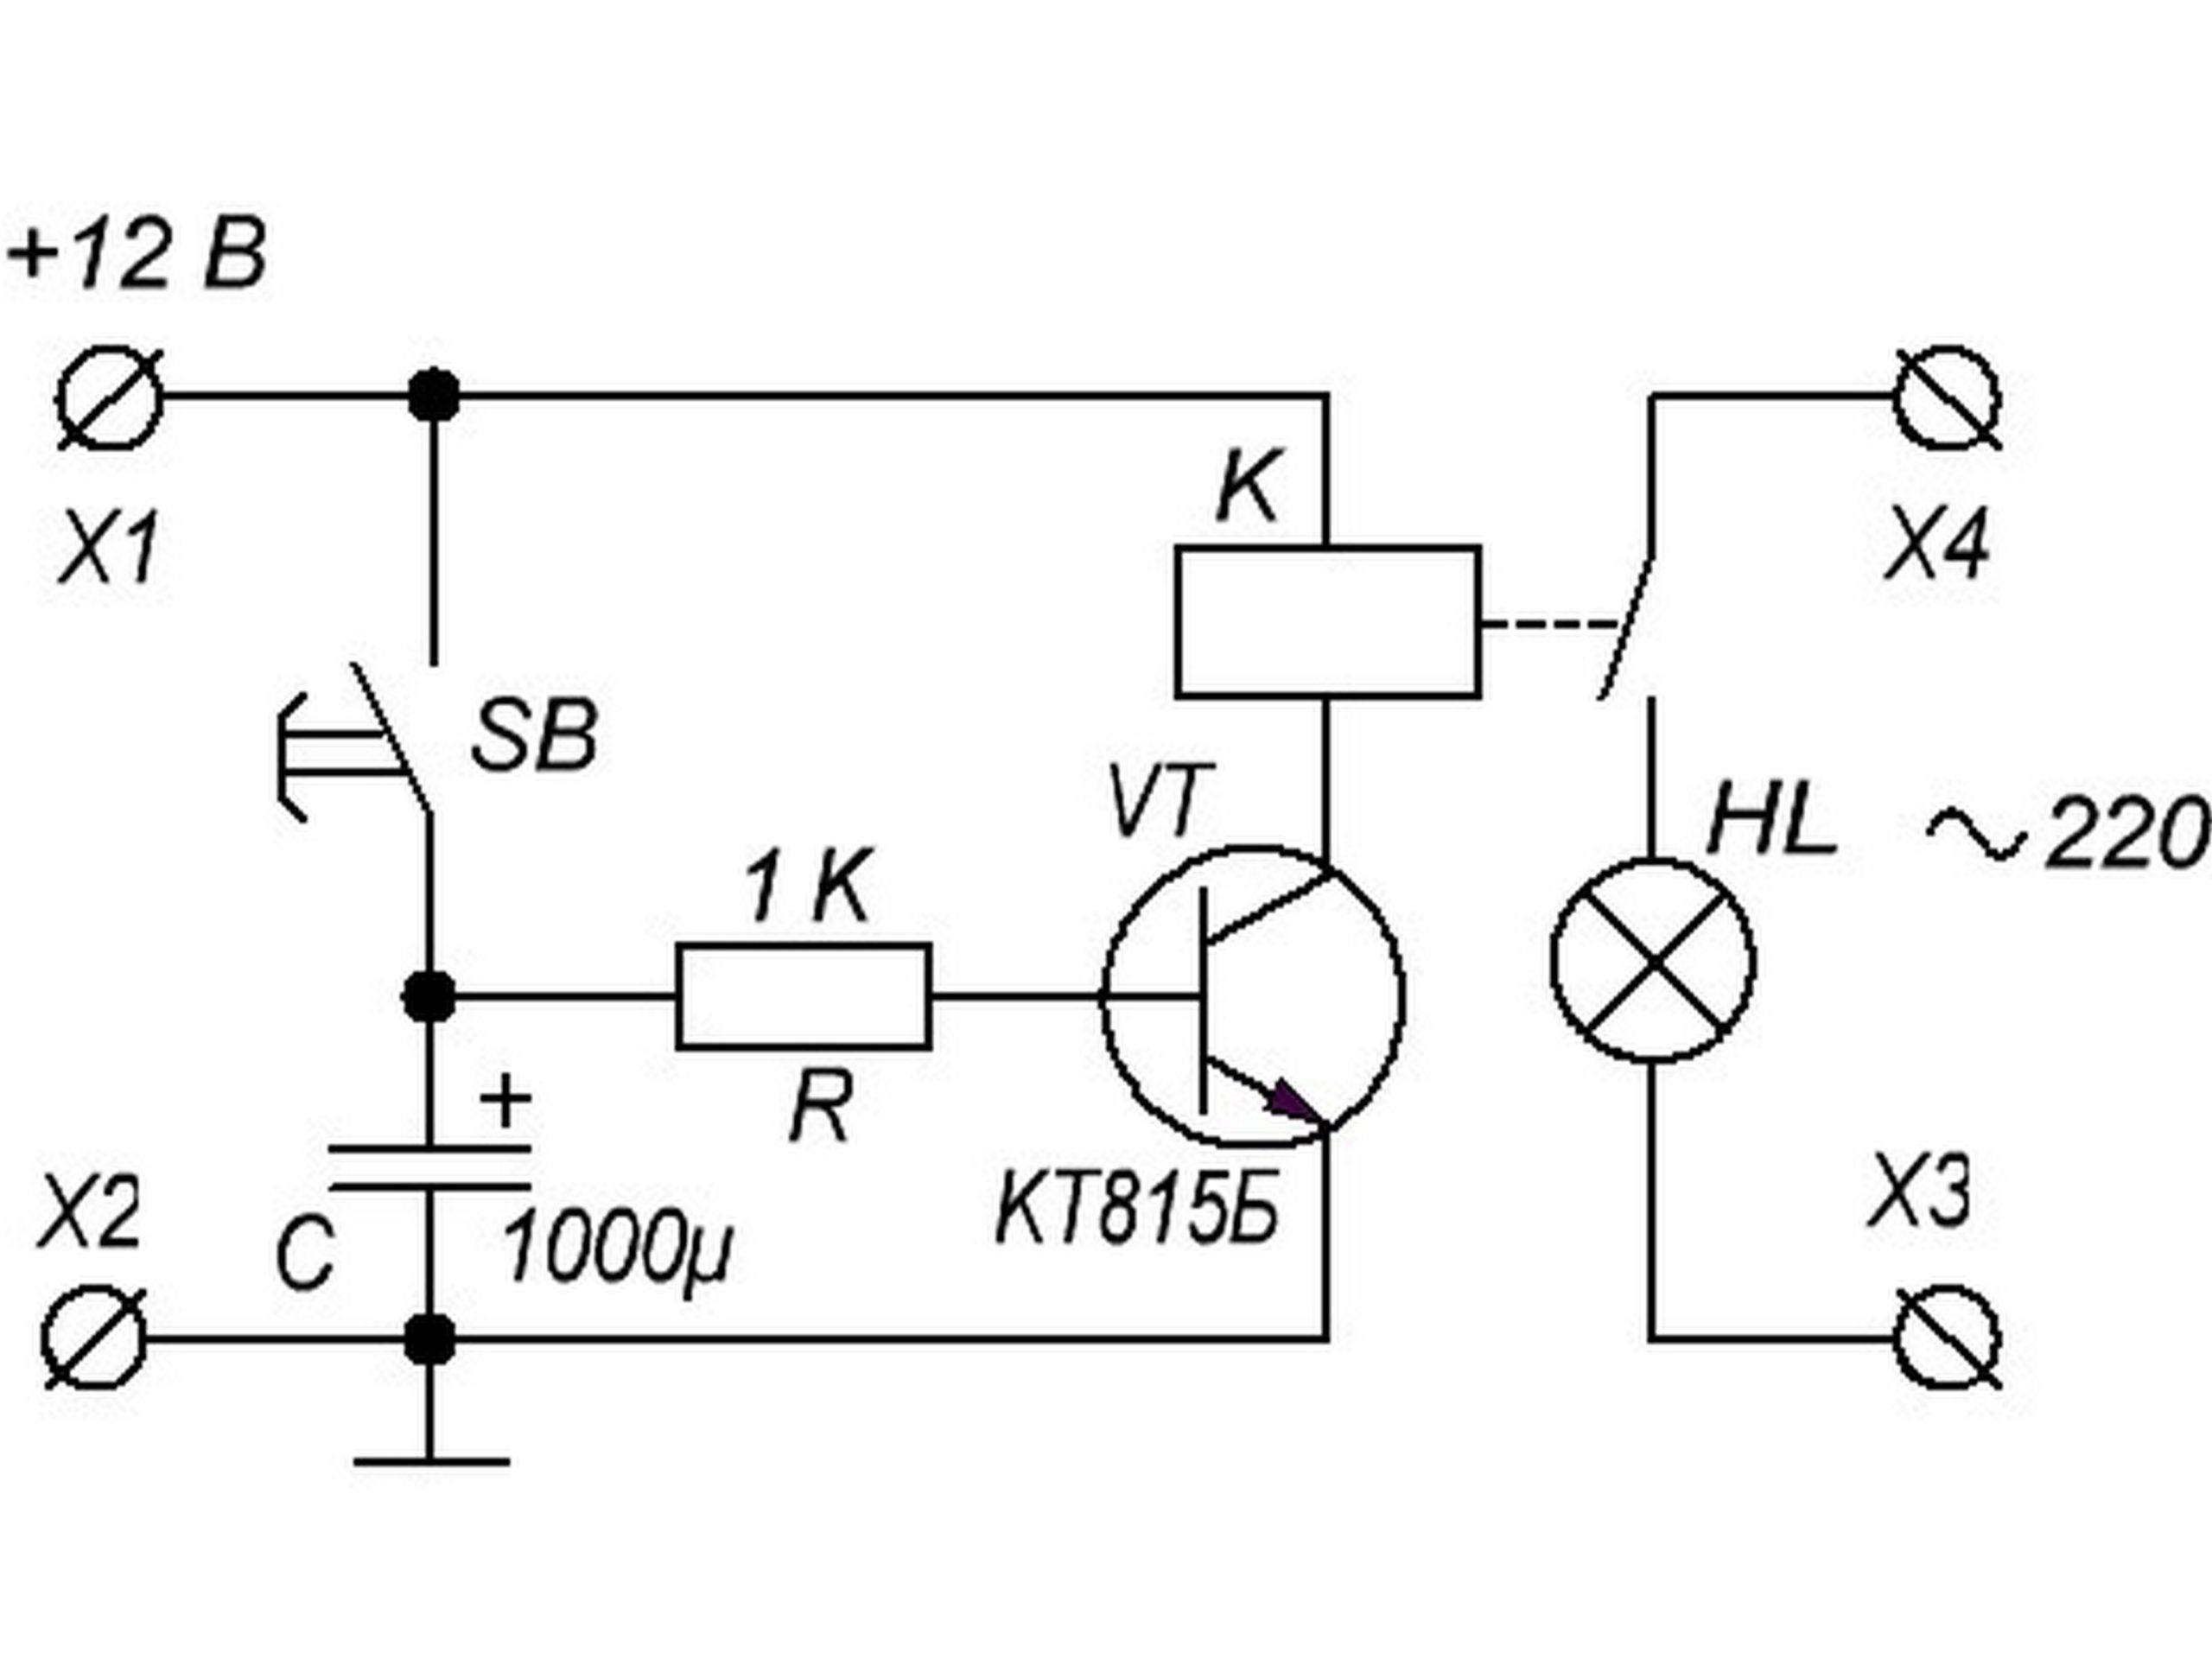 Электронные схемы для начинающих. Как сделать электросхему своими руками